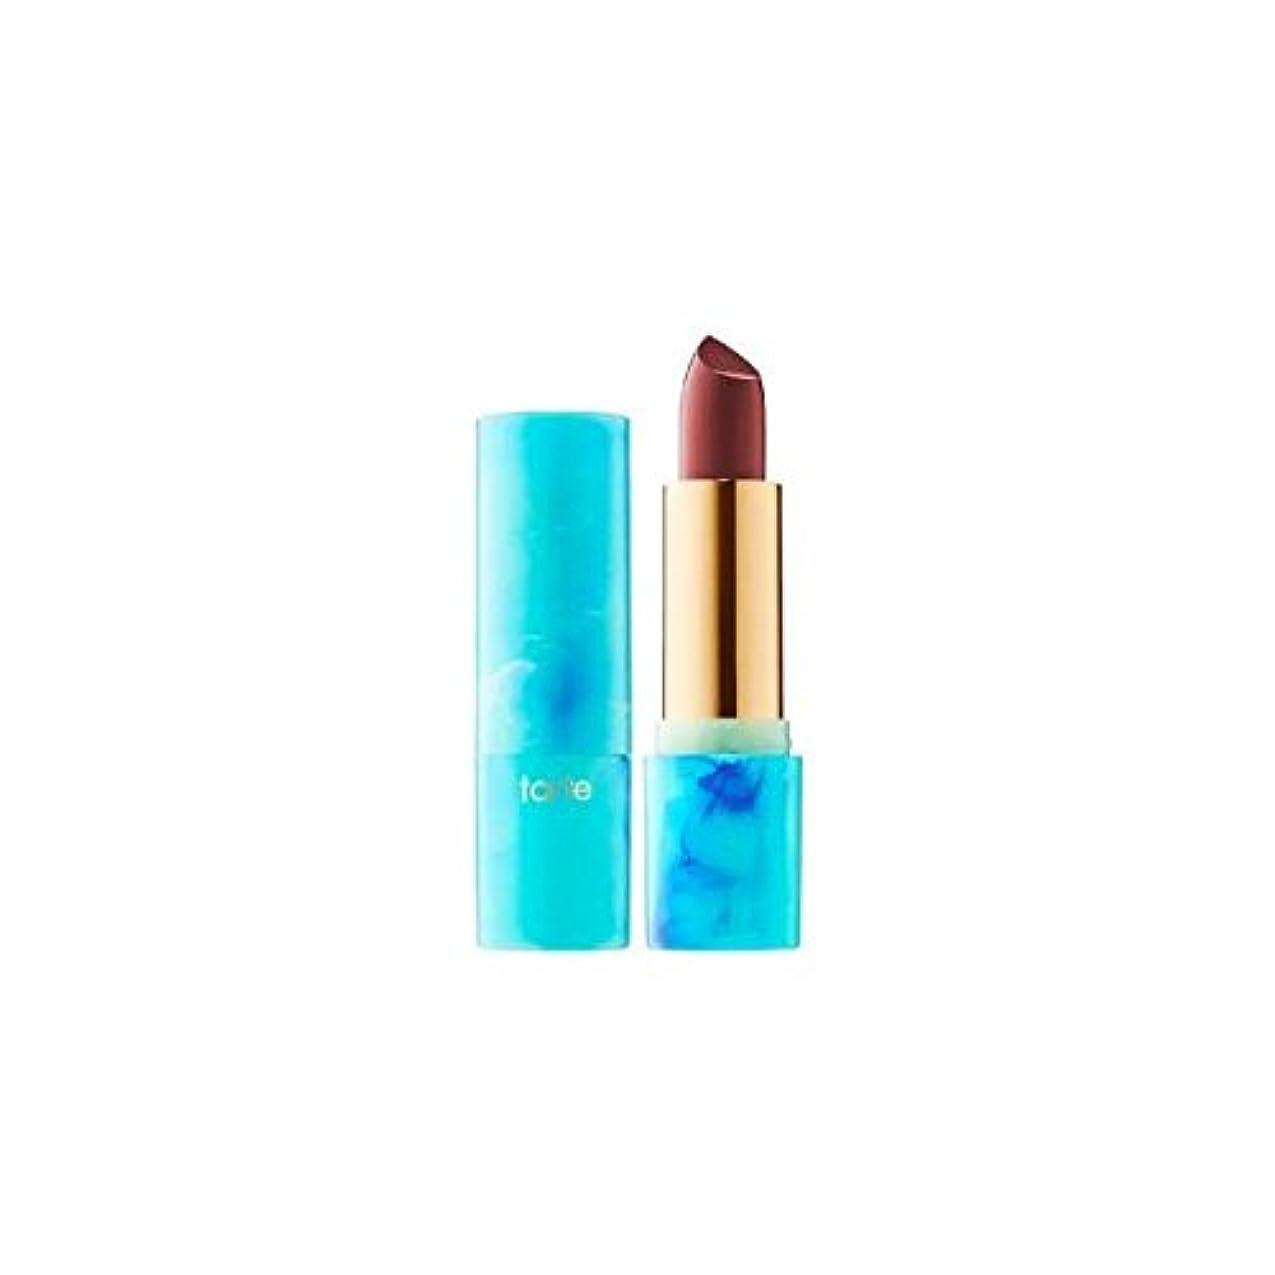 発行仮装散らすtarteタルト リップ Color Splash Lipstick - Rainforest of the Sea Collection Satin finish